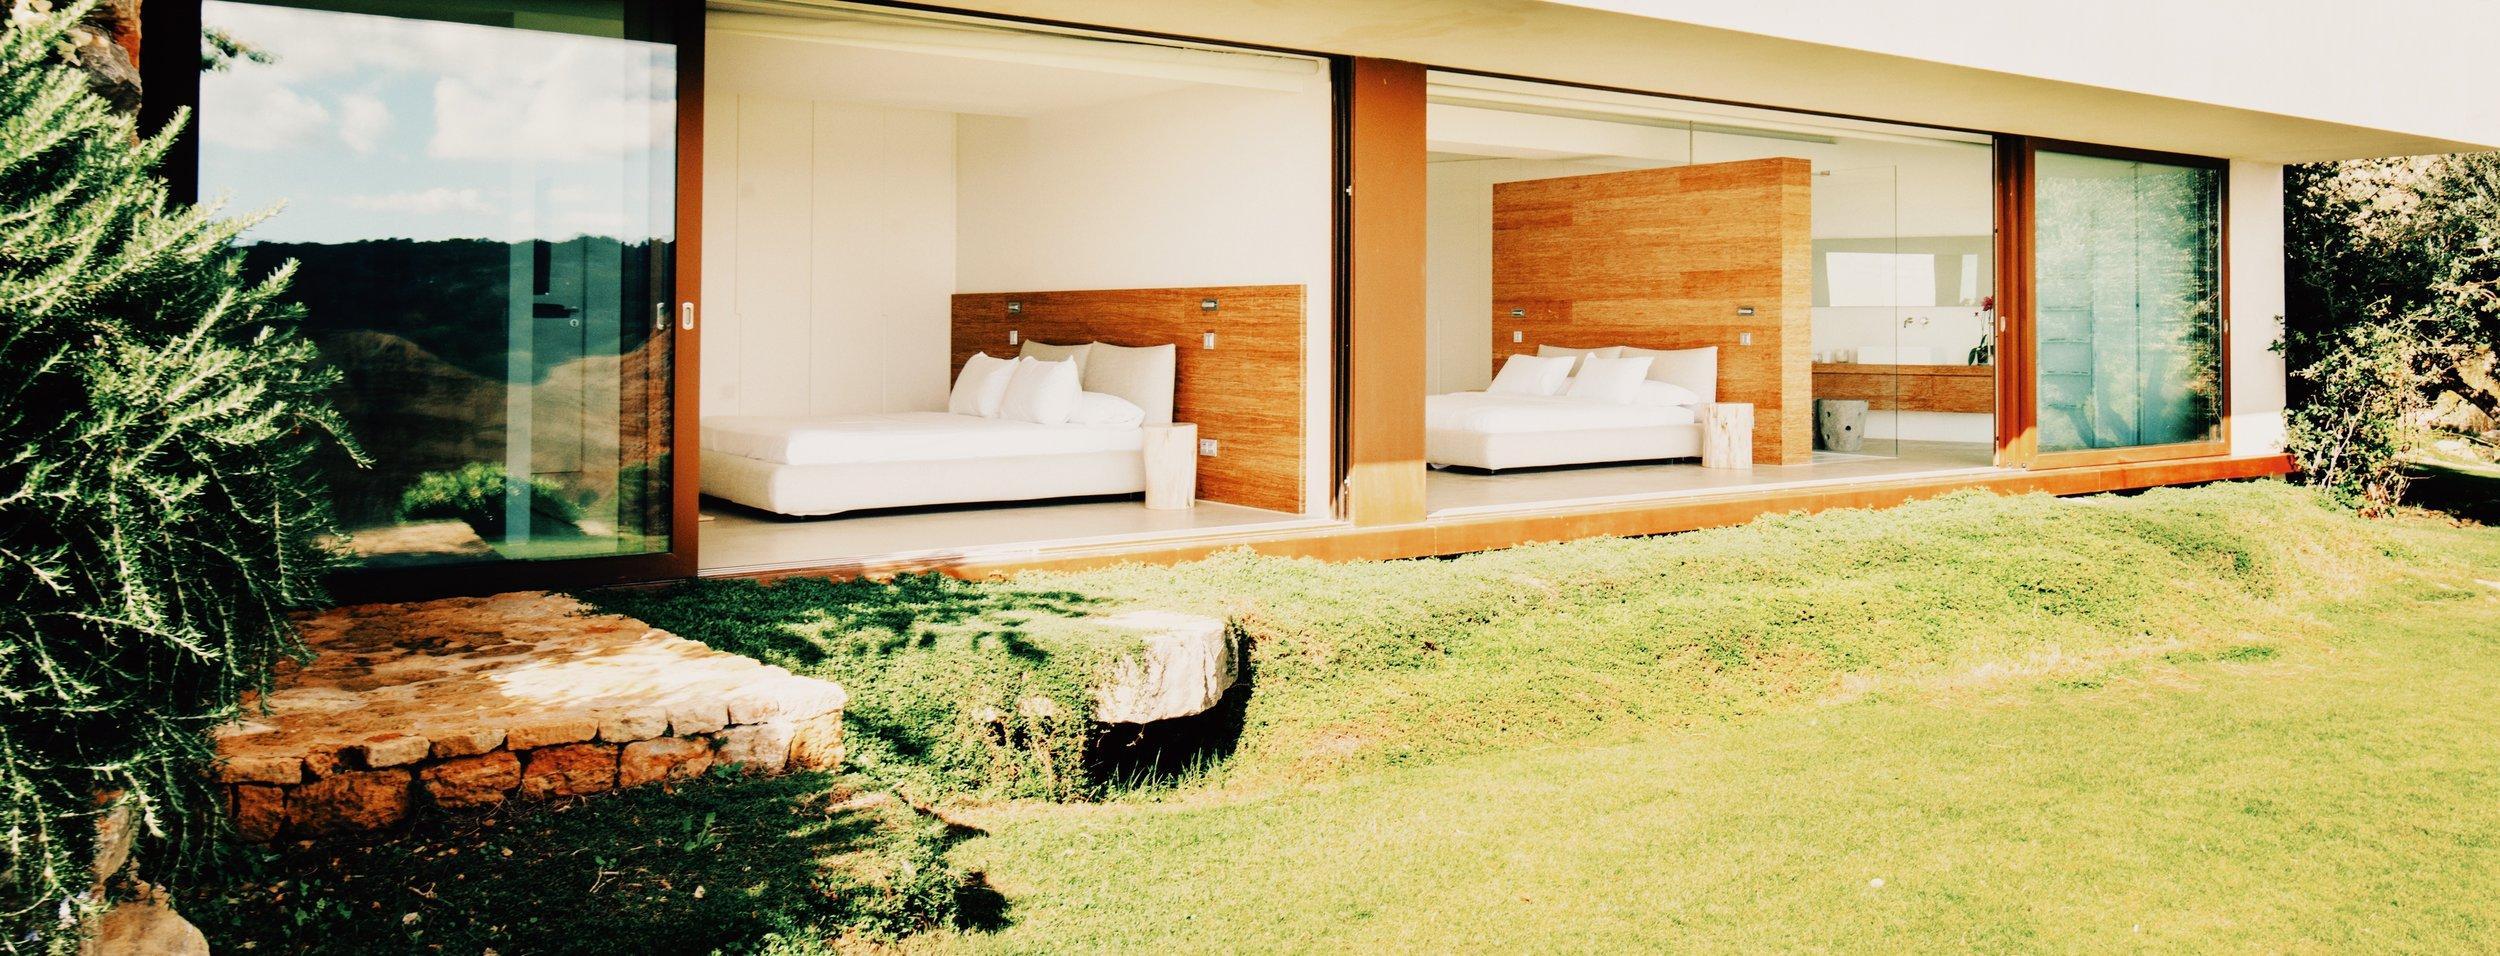 Vacanze da nababbi per Meghan e Harry: ecco la villa super lussuosa a Ibiza